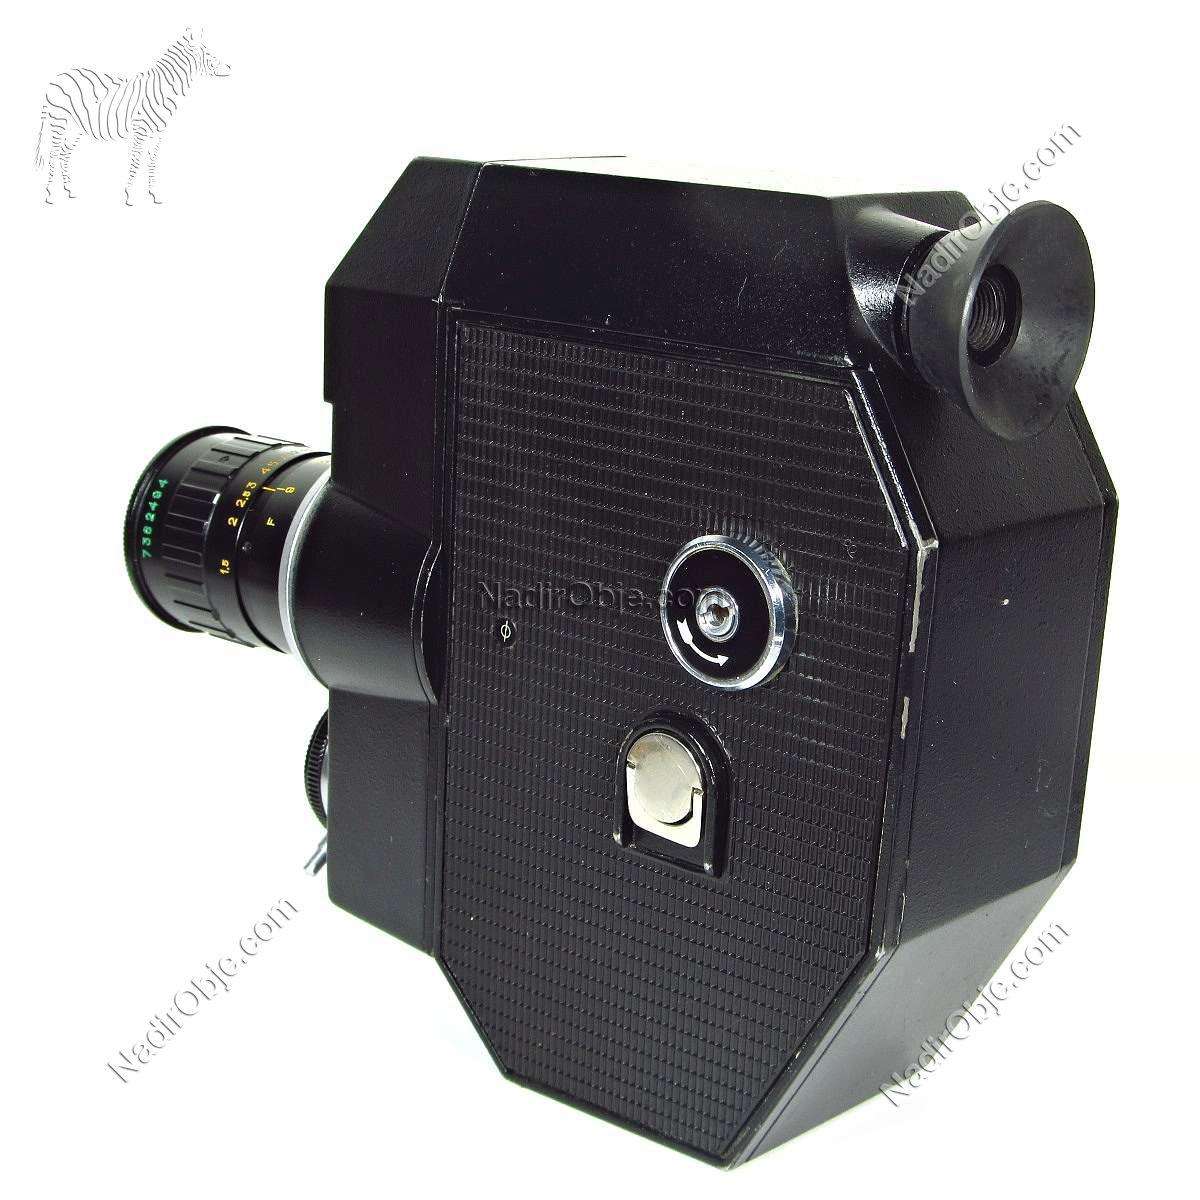 QUARZ 5 Sinema Makinası – N1960 Mekanik-Elektrikli Objeler Film